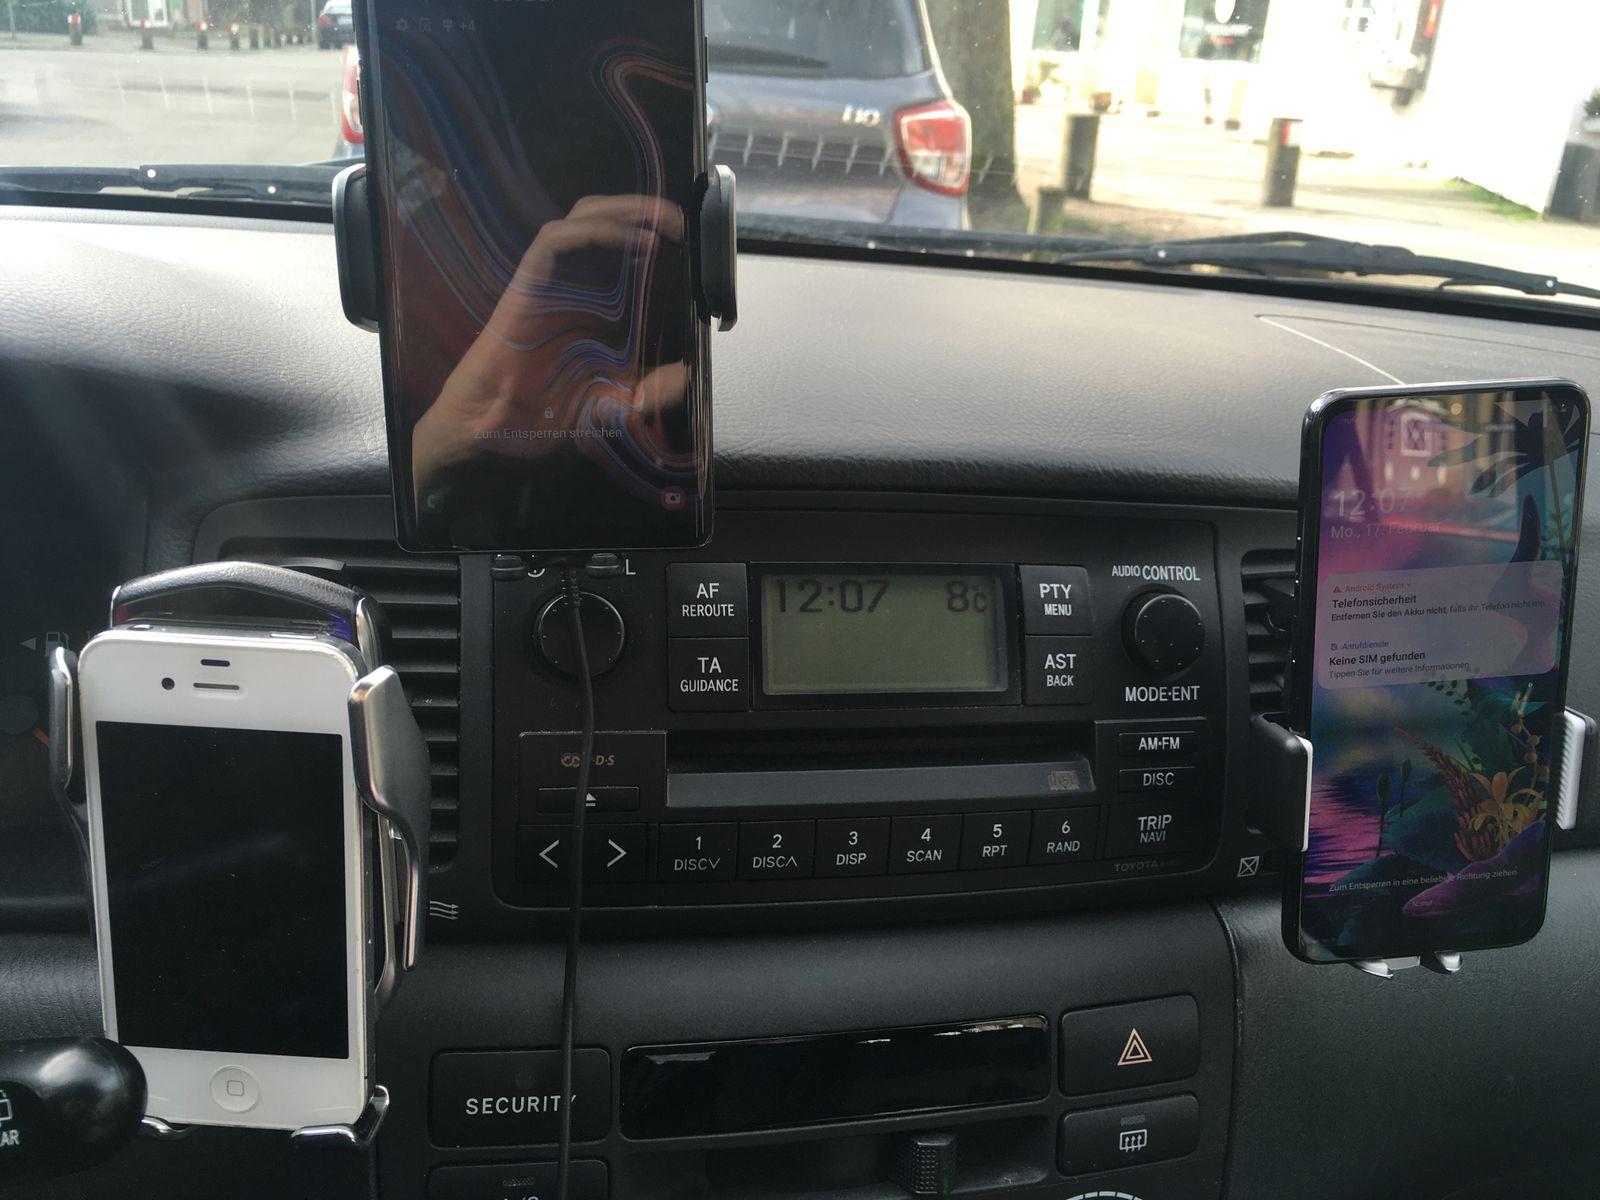 Testseller/ Autohalterungen für Smartphones